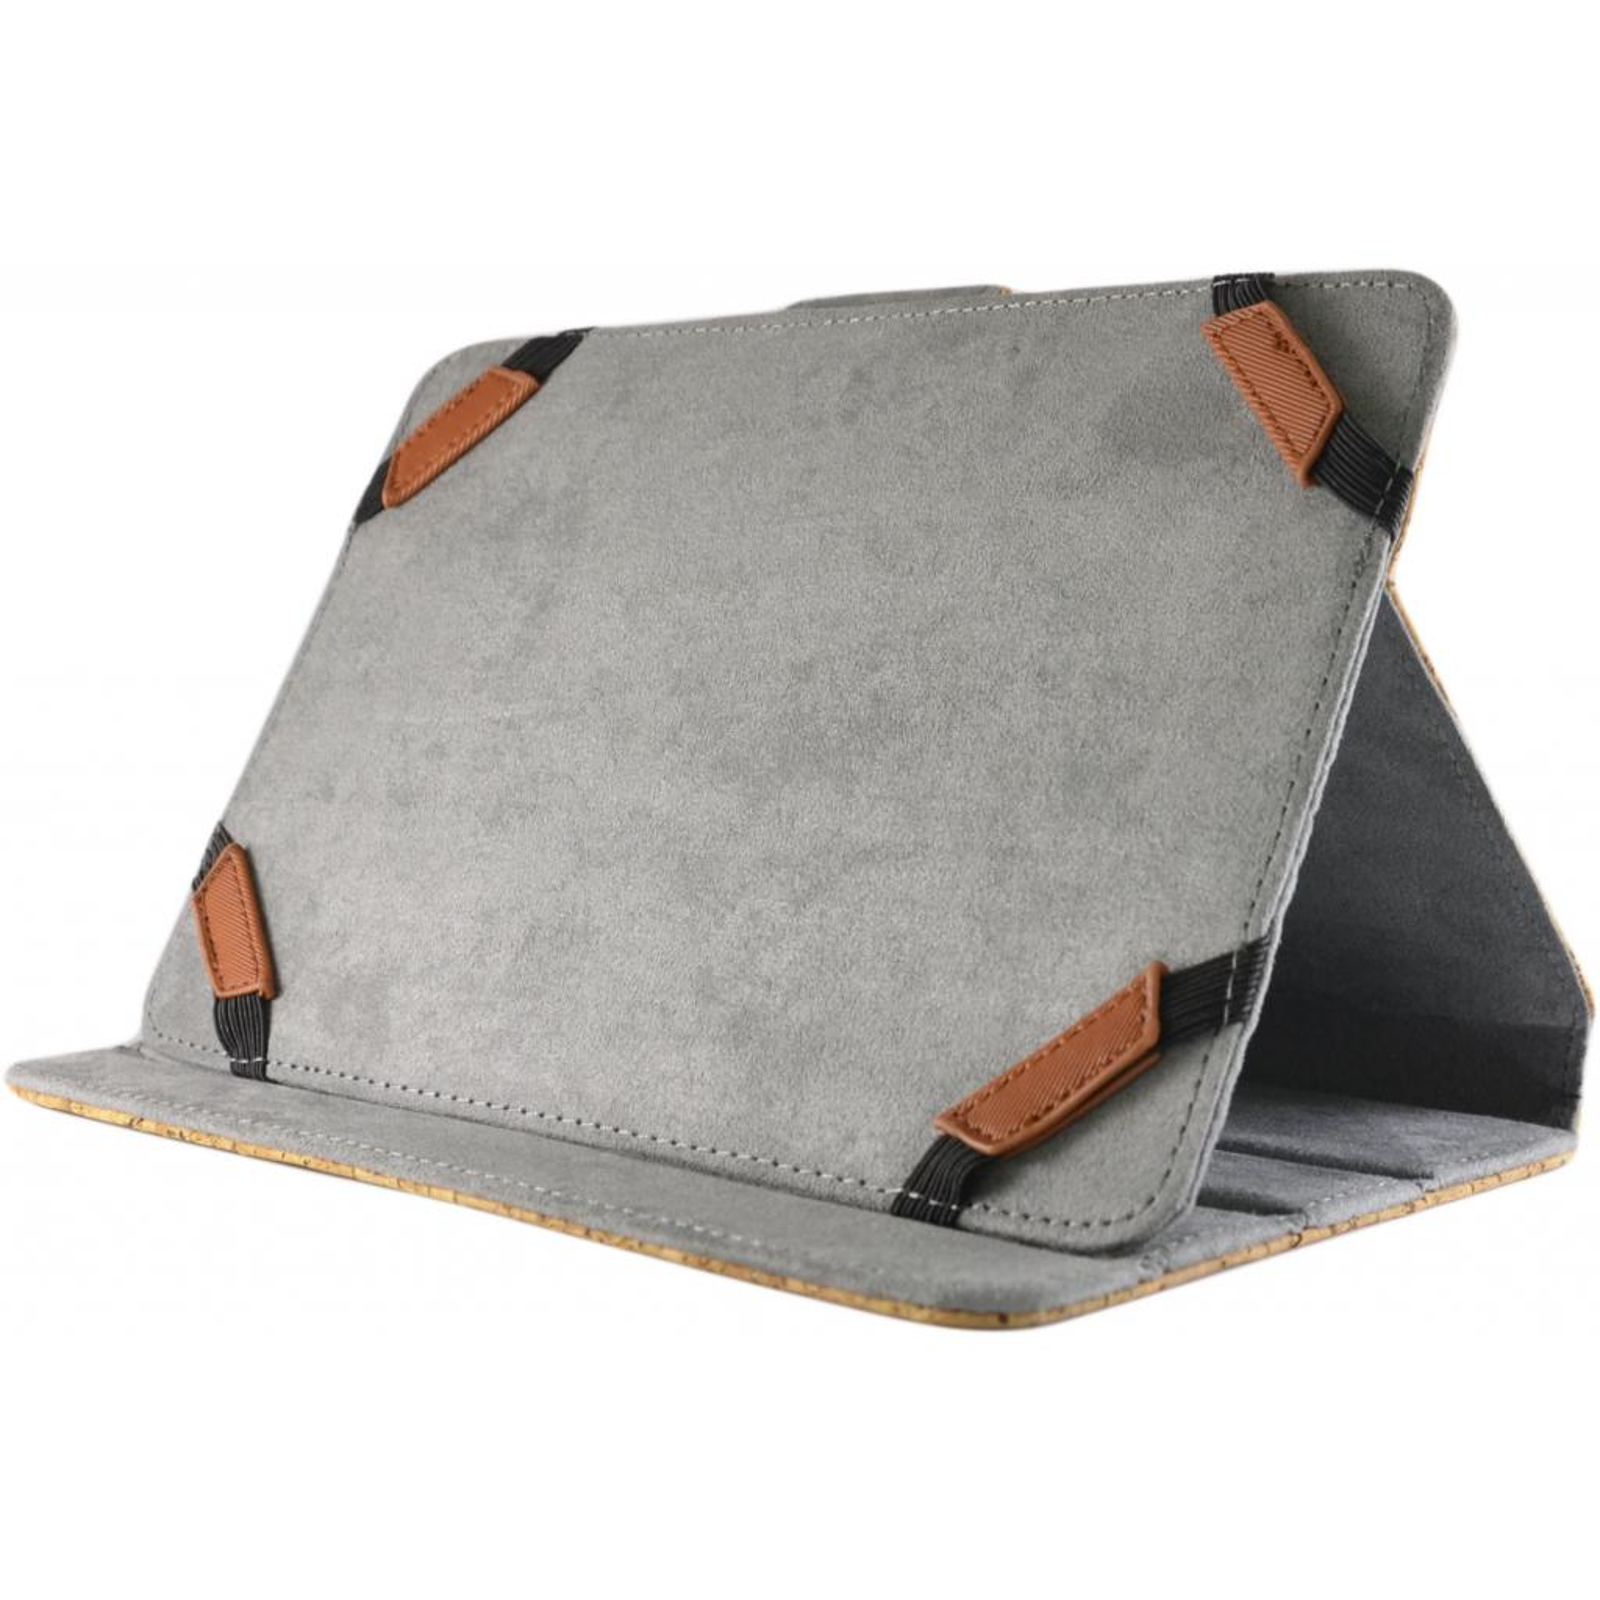 """Чехол для планшета Pro-case Чохол планшету унiверсальний Pro-case Cork case 7-8"""" beige (UNS-045) изображение 4"""